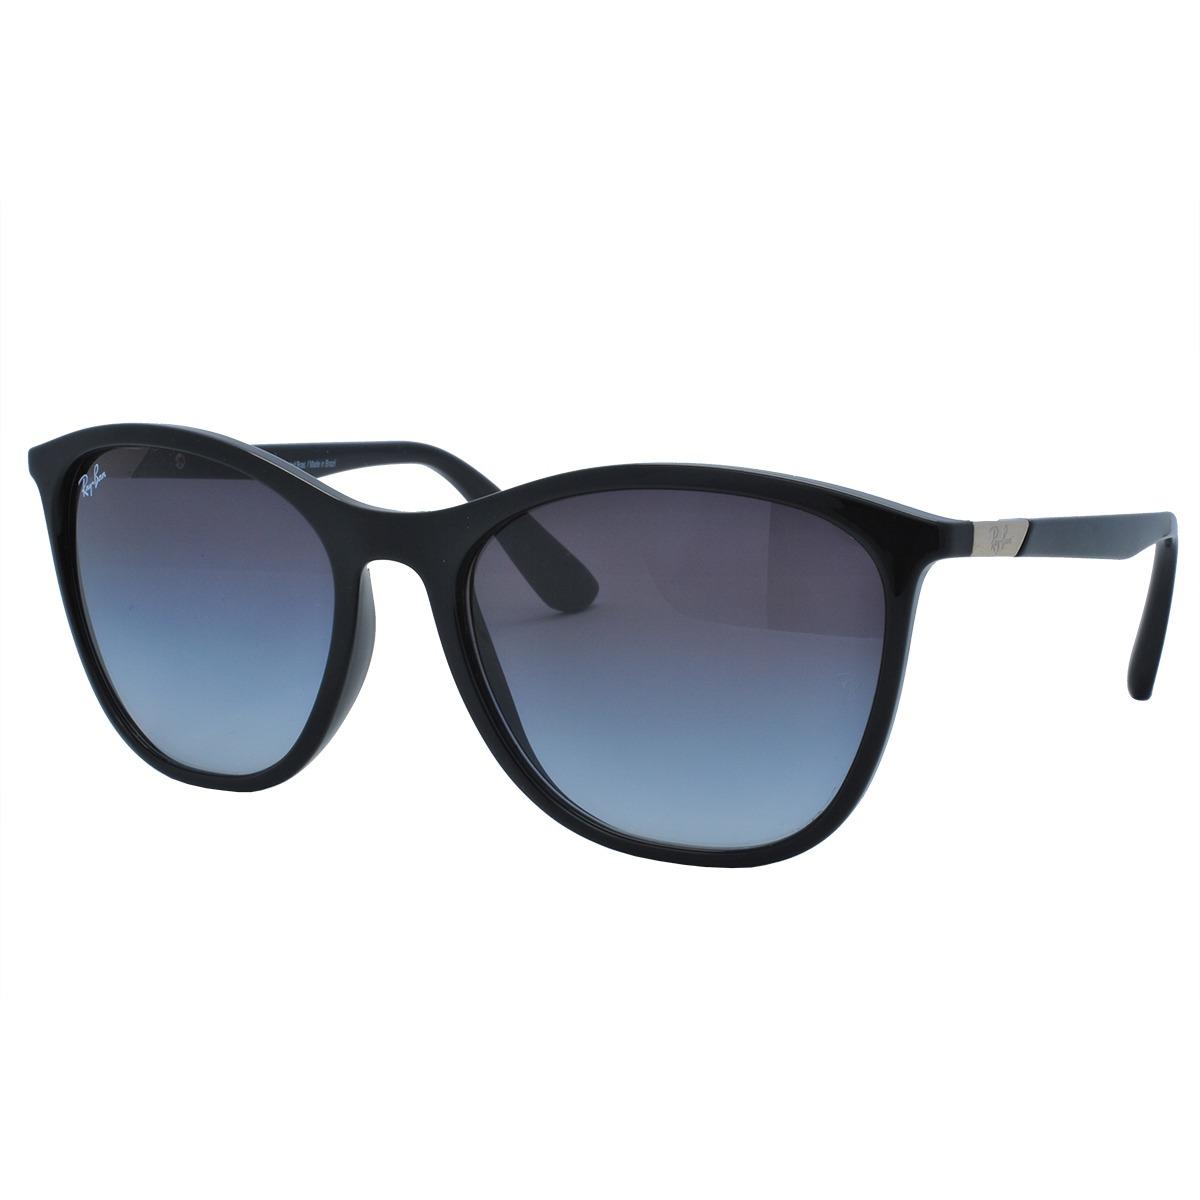 2bacff30b7fc1 óculos de sol ray ban original feminino rb4317l 601 8g. Carregando zoom.